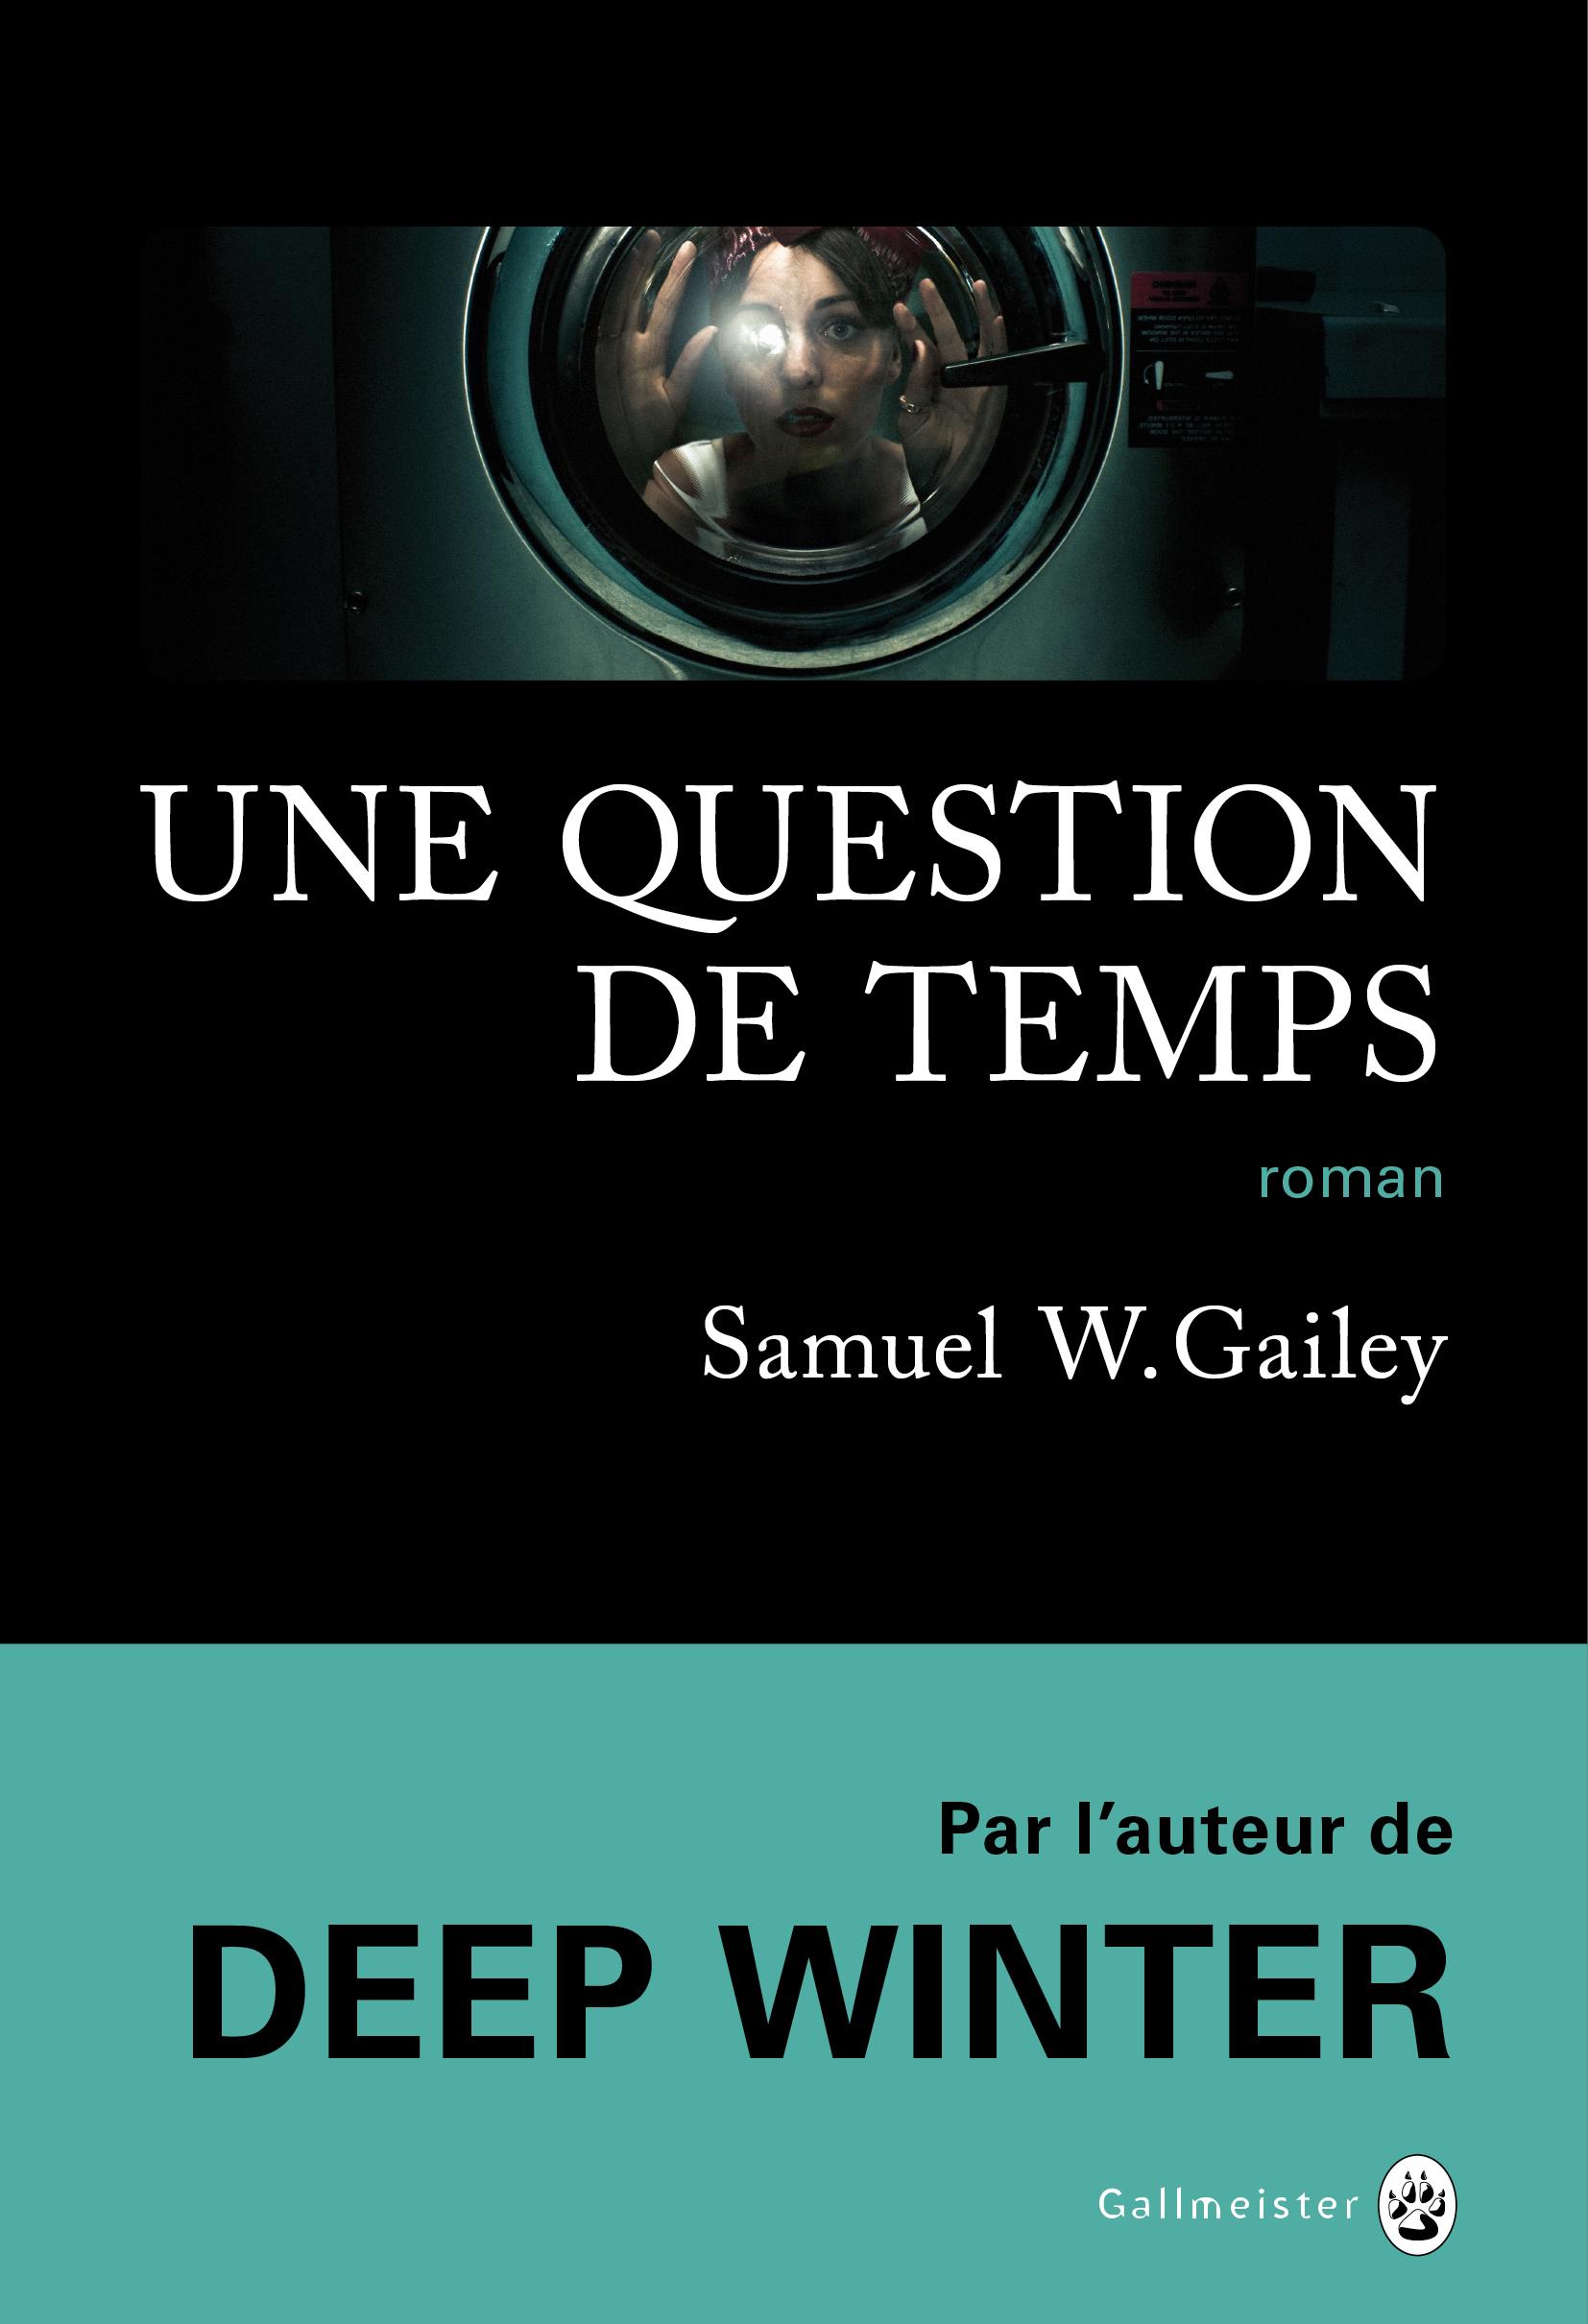 Une question de temps | Gailey, Samuel W.